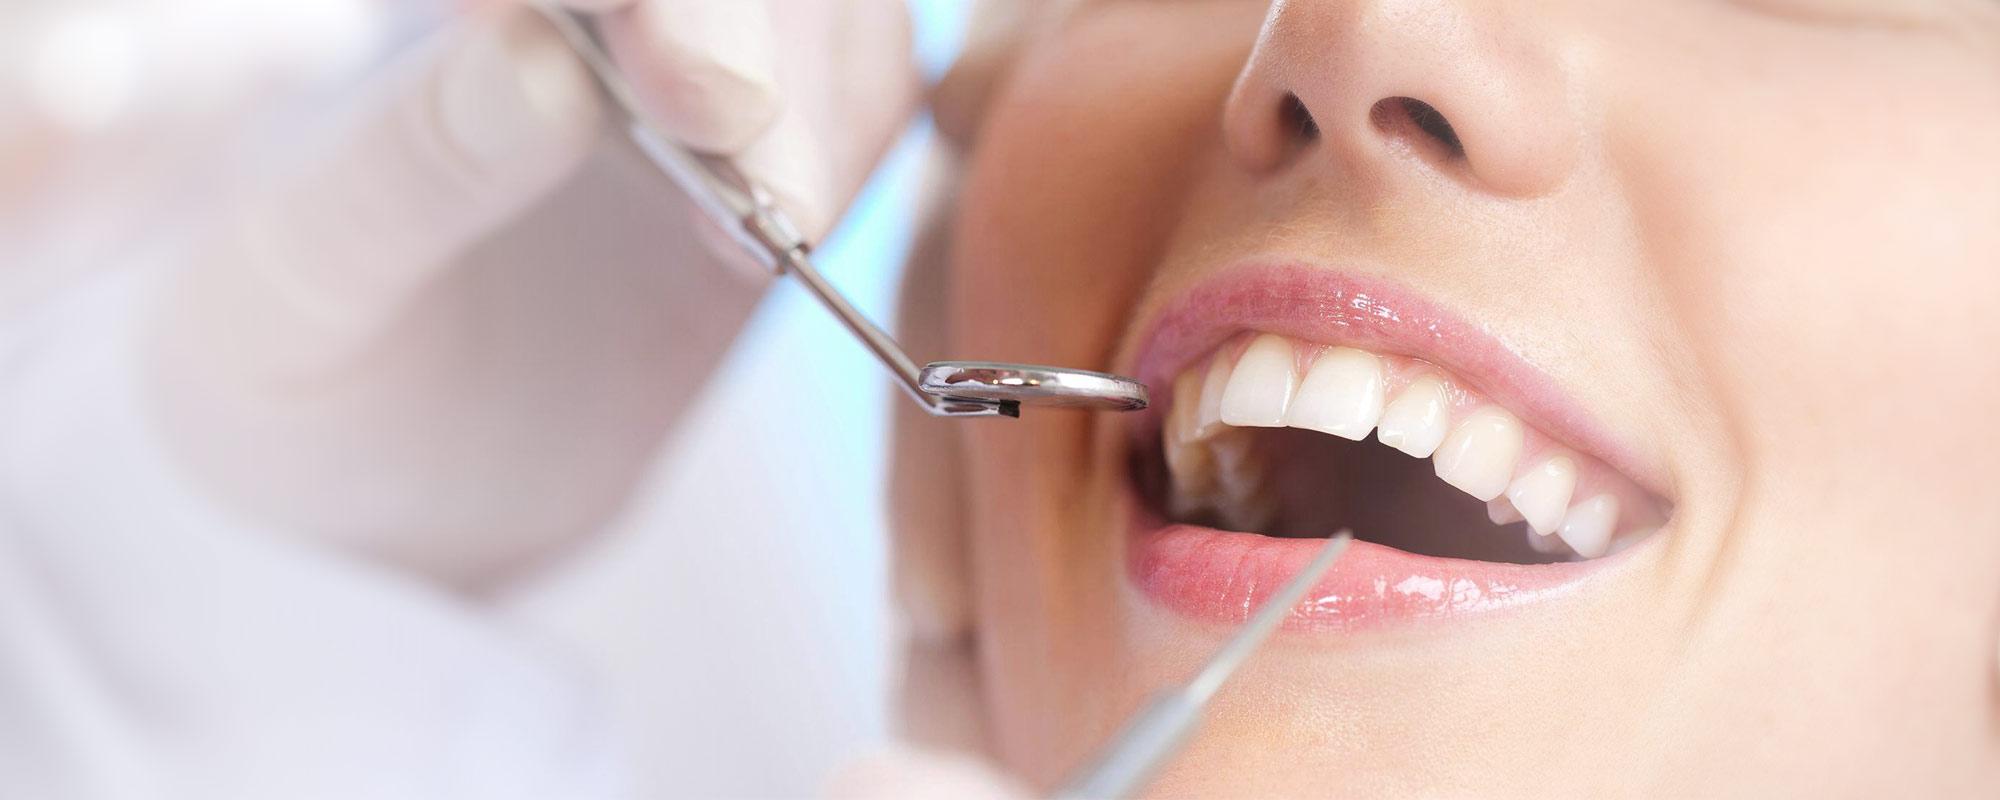 Poliklinika za ortodonciju, stomatološku protetiku, oralnu kirurgiju i zubotehnički laboratorij <span>dr. Percač</span>